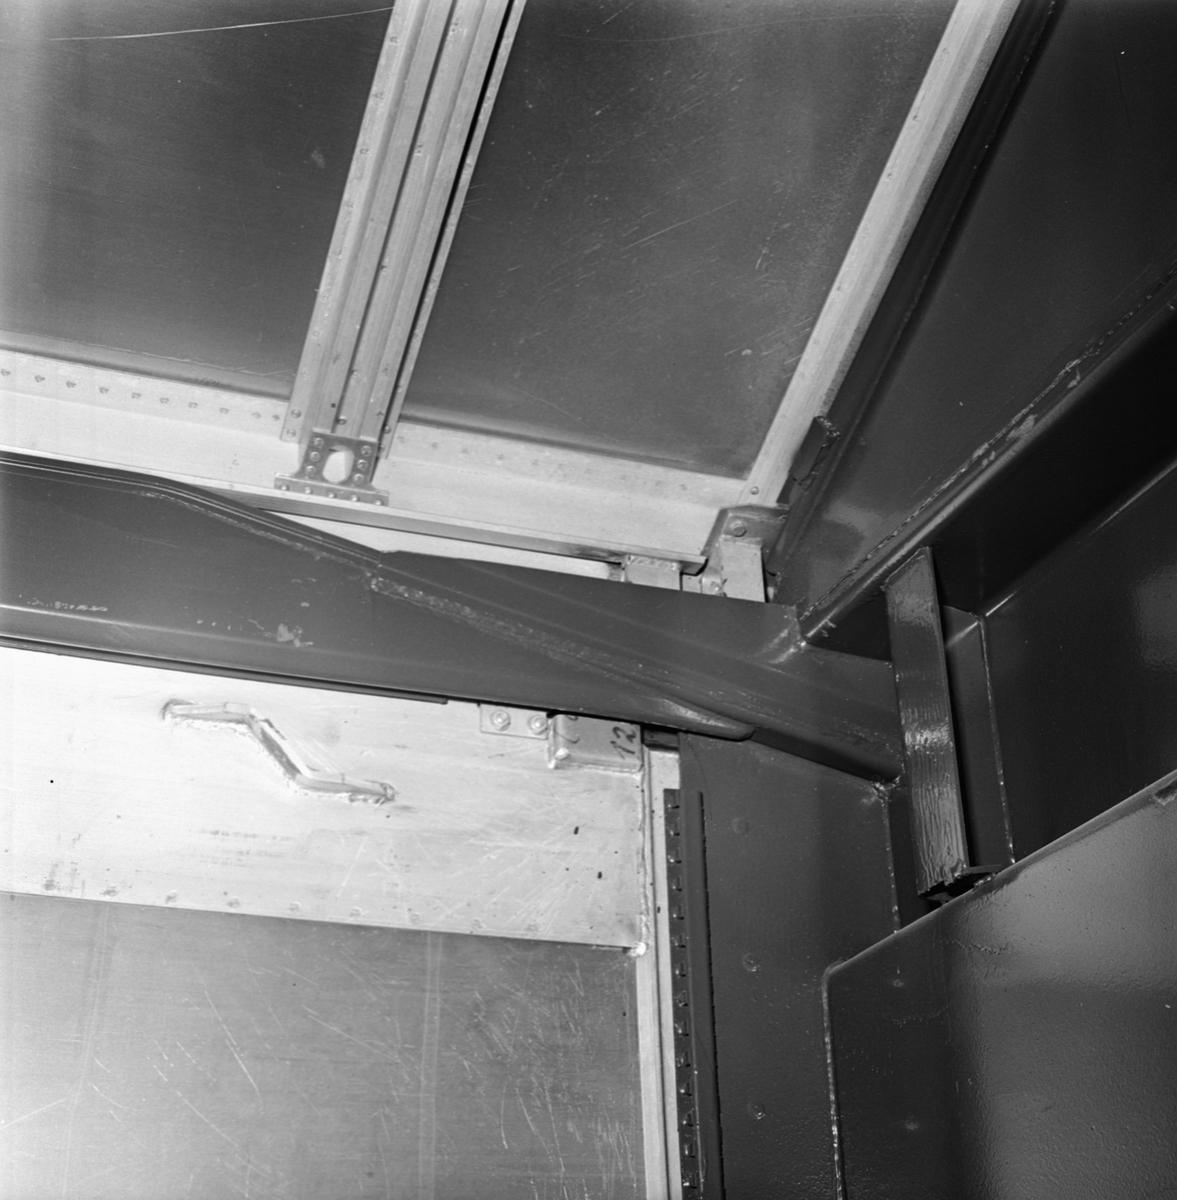 Övrigt: Foto datum: 17/6 1964 Verkstäder och personal. Tysk järnvägsvagn